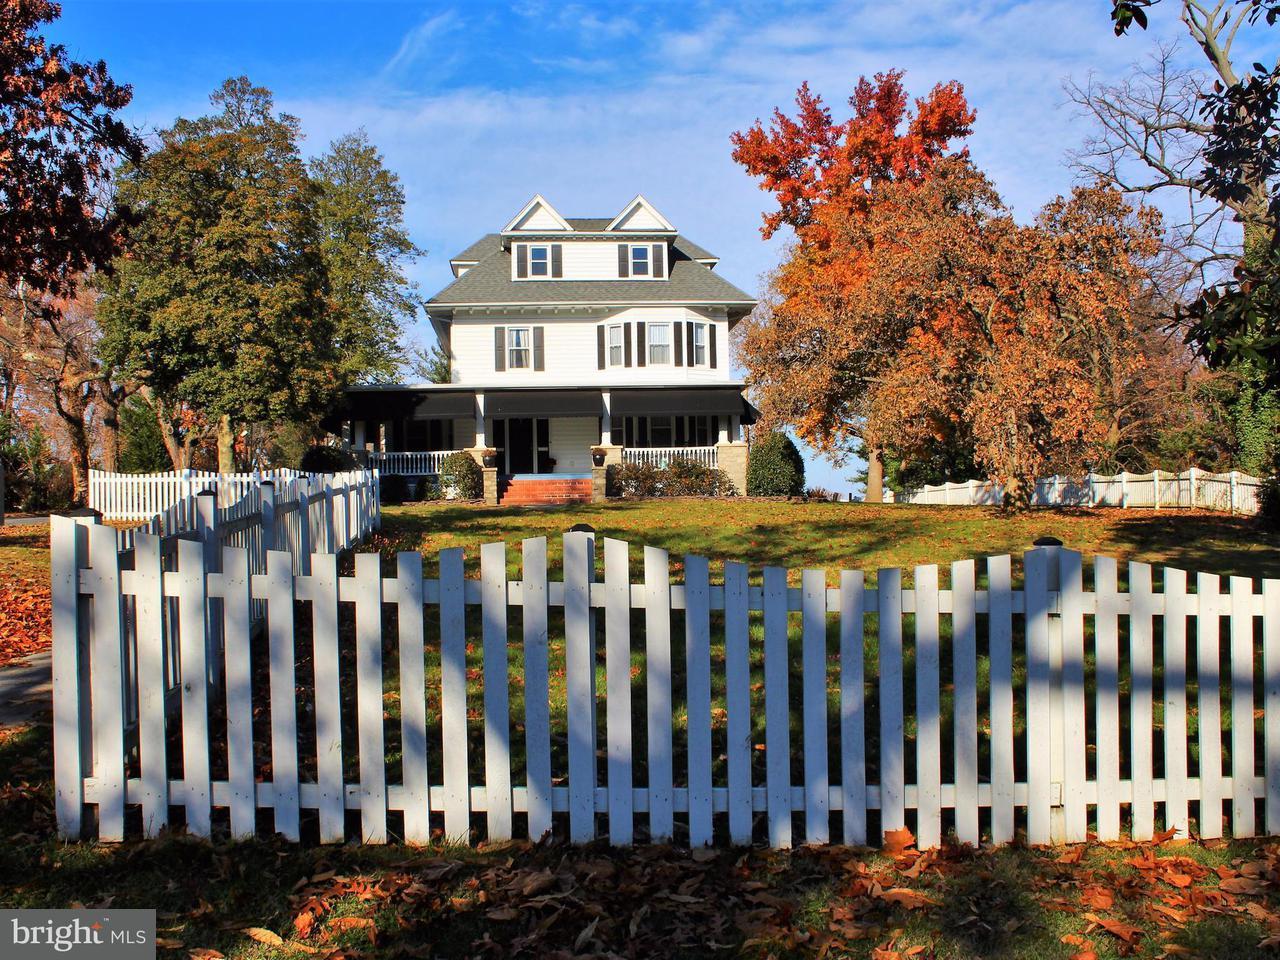 一戸建て のために 売買 アット 314 HILLTOP Road 314 HILLTOP Road Linthicum, メリーランド 21090 アメリカ合衆国